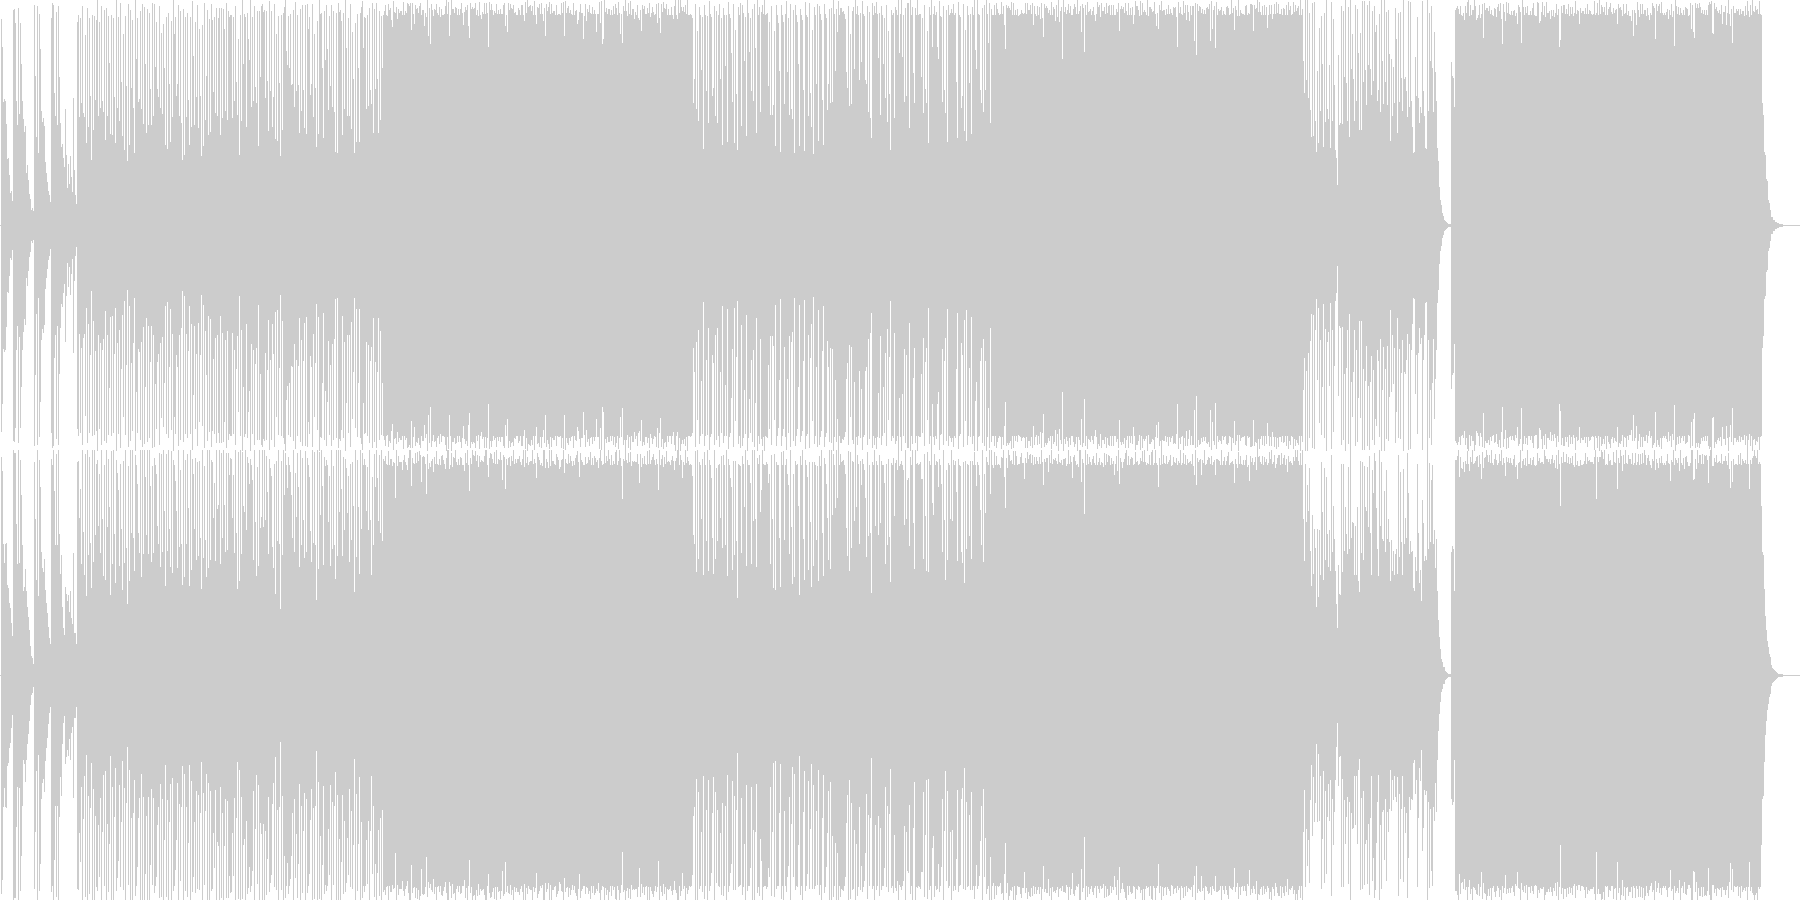 和風/和楽器/掛け声(は!/よ!)/A4の未再生の波形